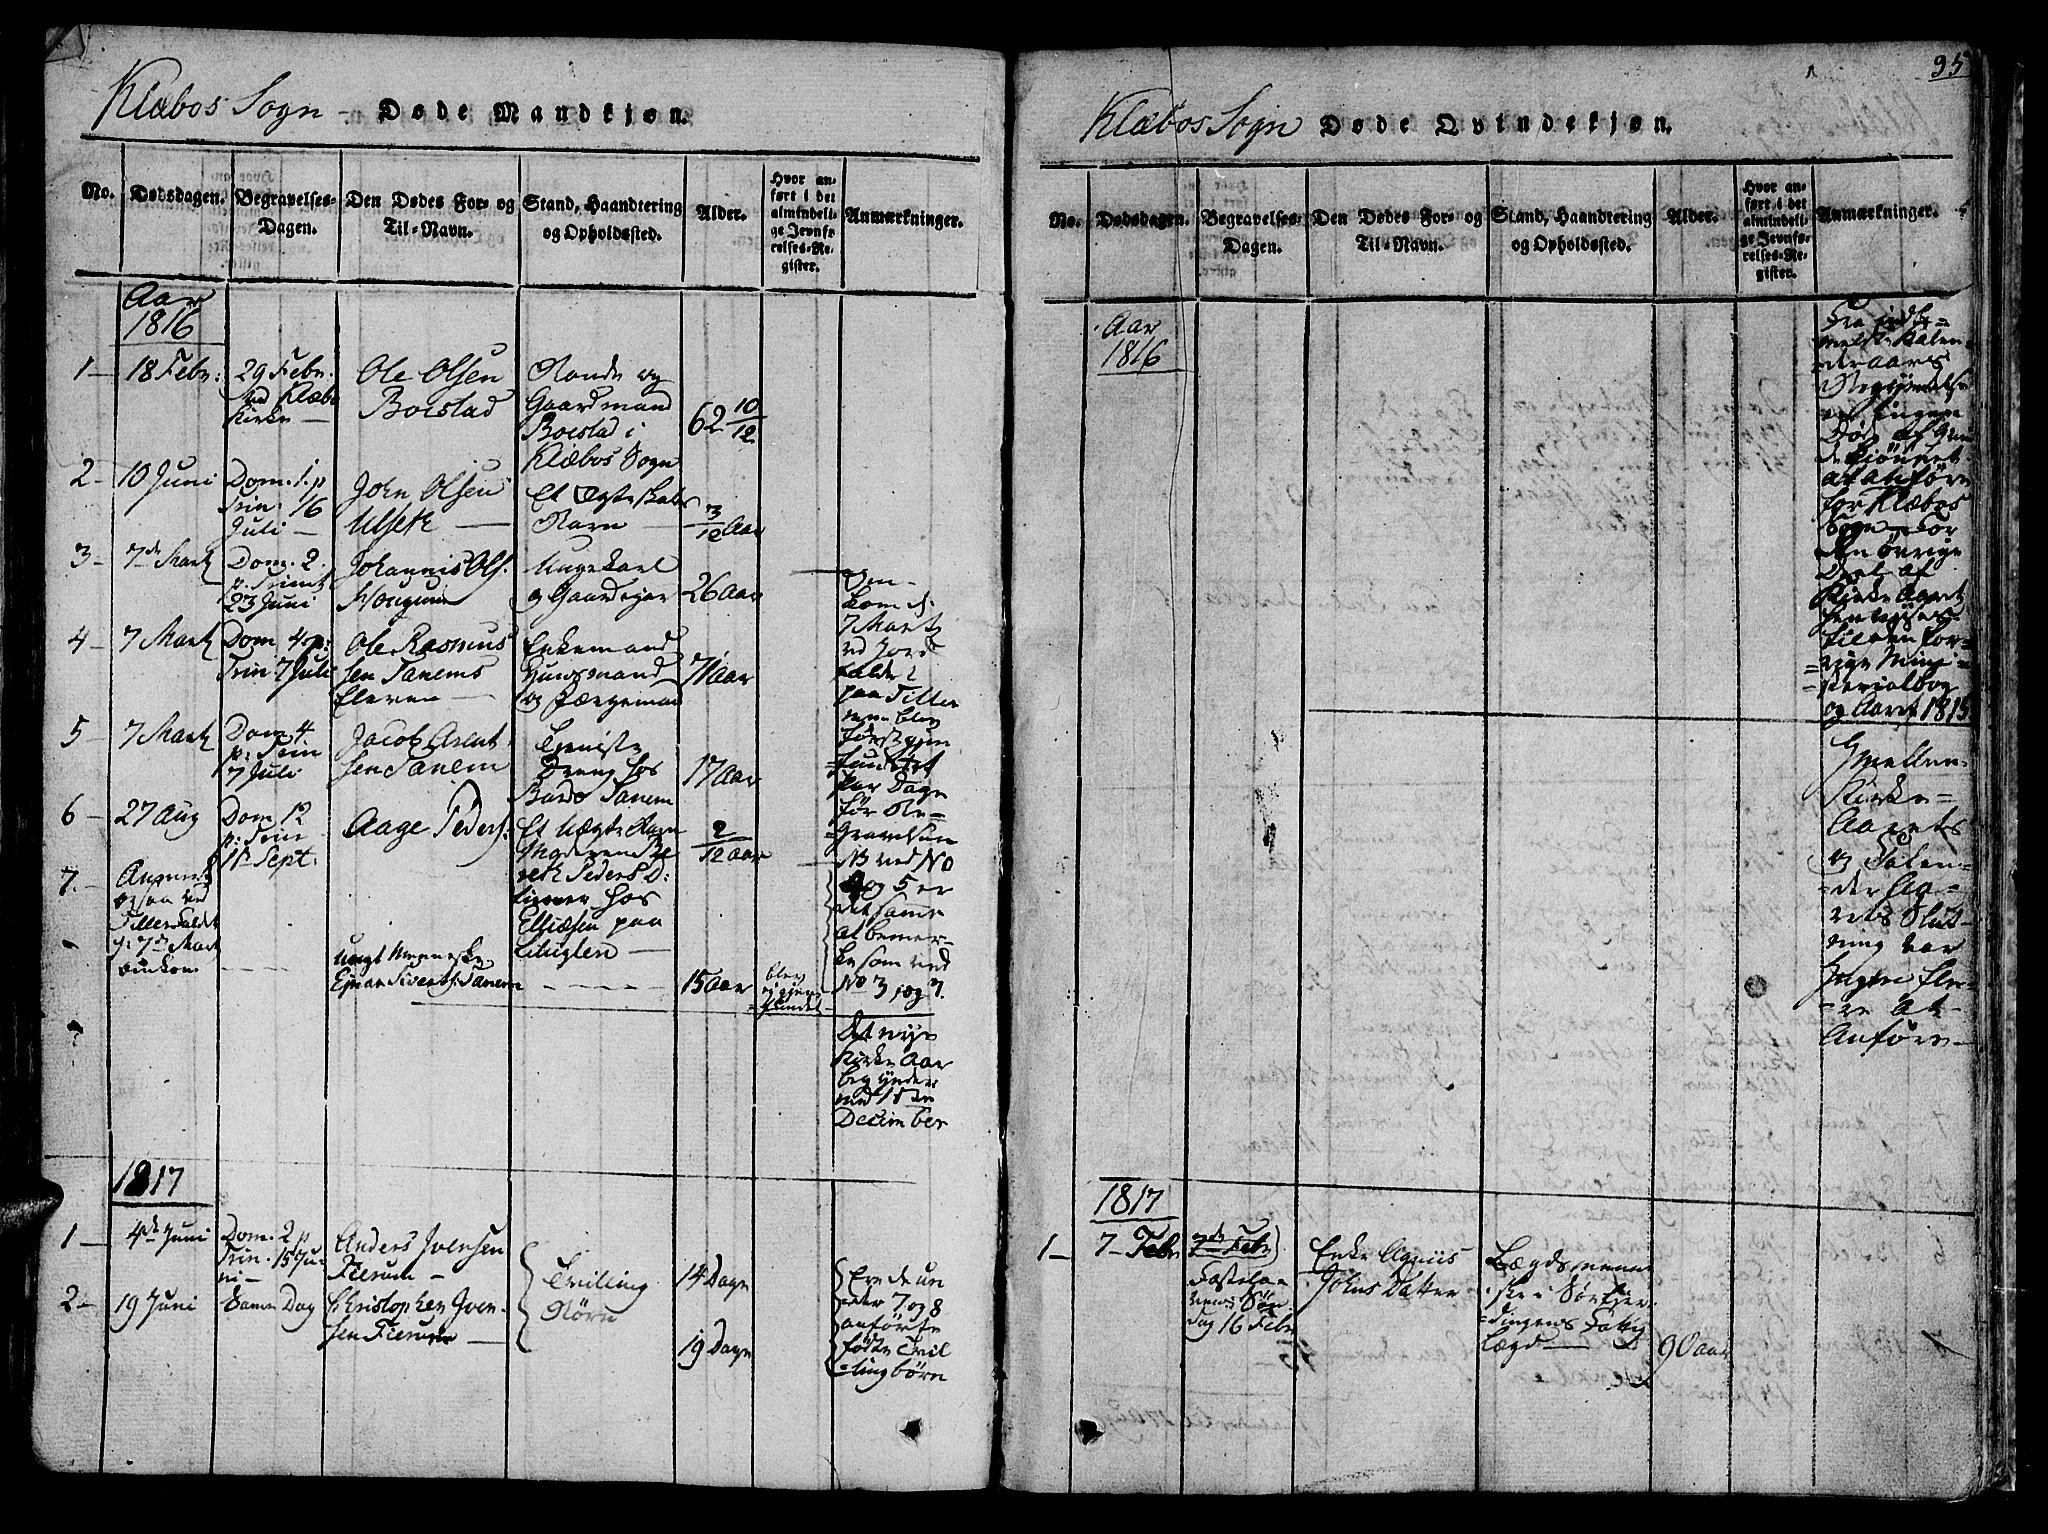 SAT, Ministerialprotokoller, klokkerbøker og fødselsregistre - Sør-Trøndelag, 618/L0439: Ministerialbok nr. 618A04 /1, 1816-1843, s. 95